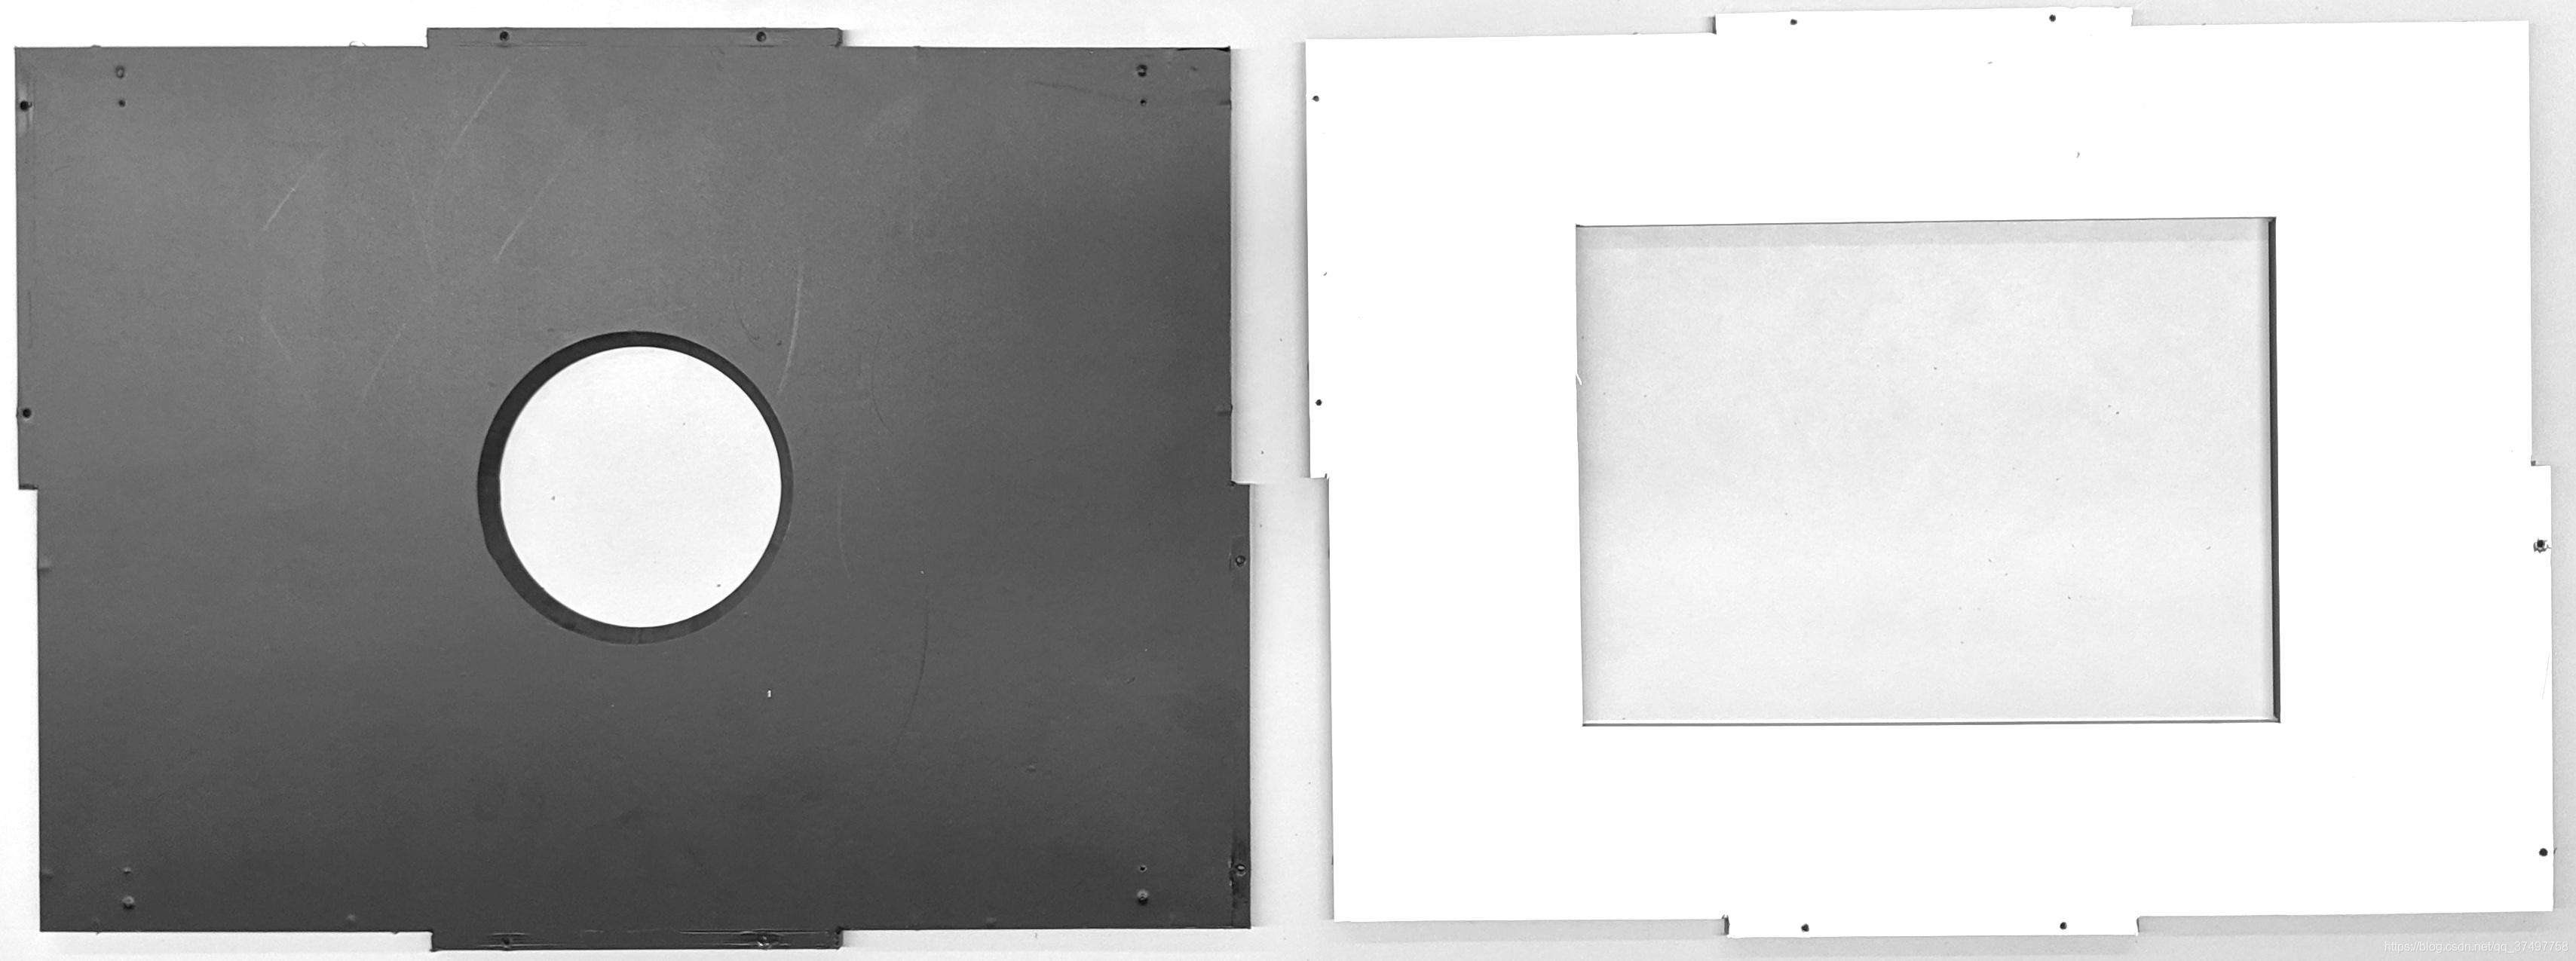 在前板和后板上贴上了乙烯基膜